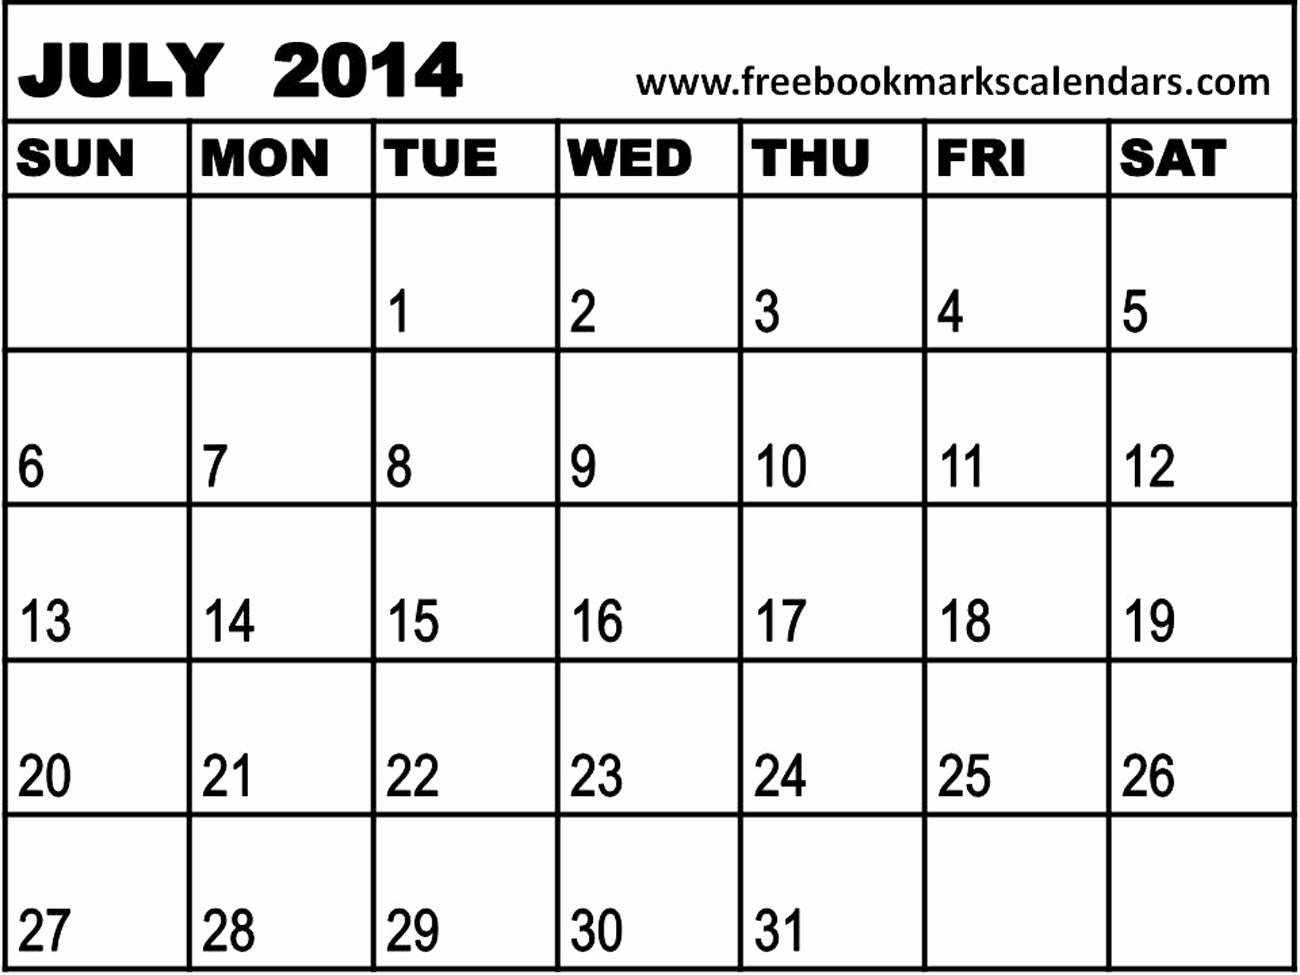 12 Month Calendar Template Inspirational 12 Month Calendar Template – 2017 Printable Calendar